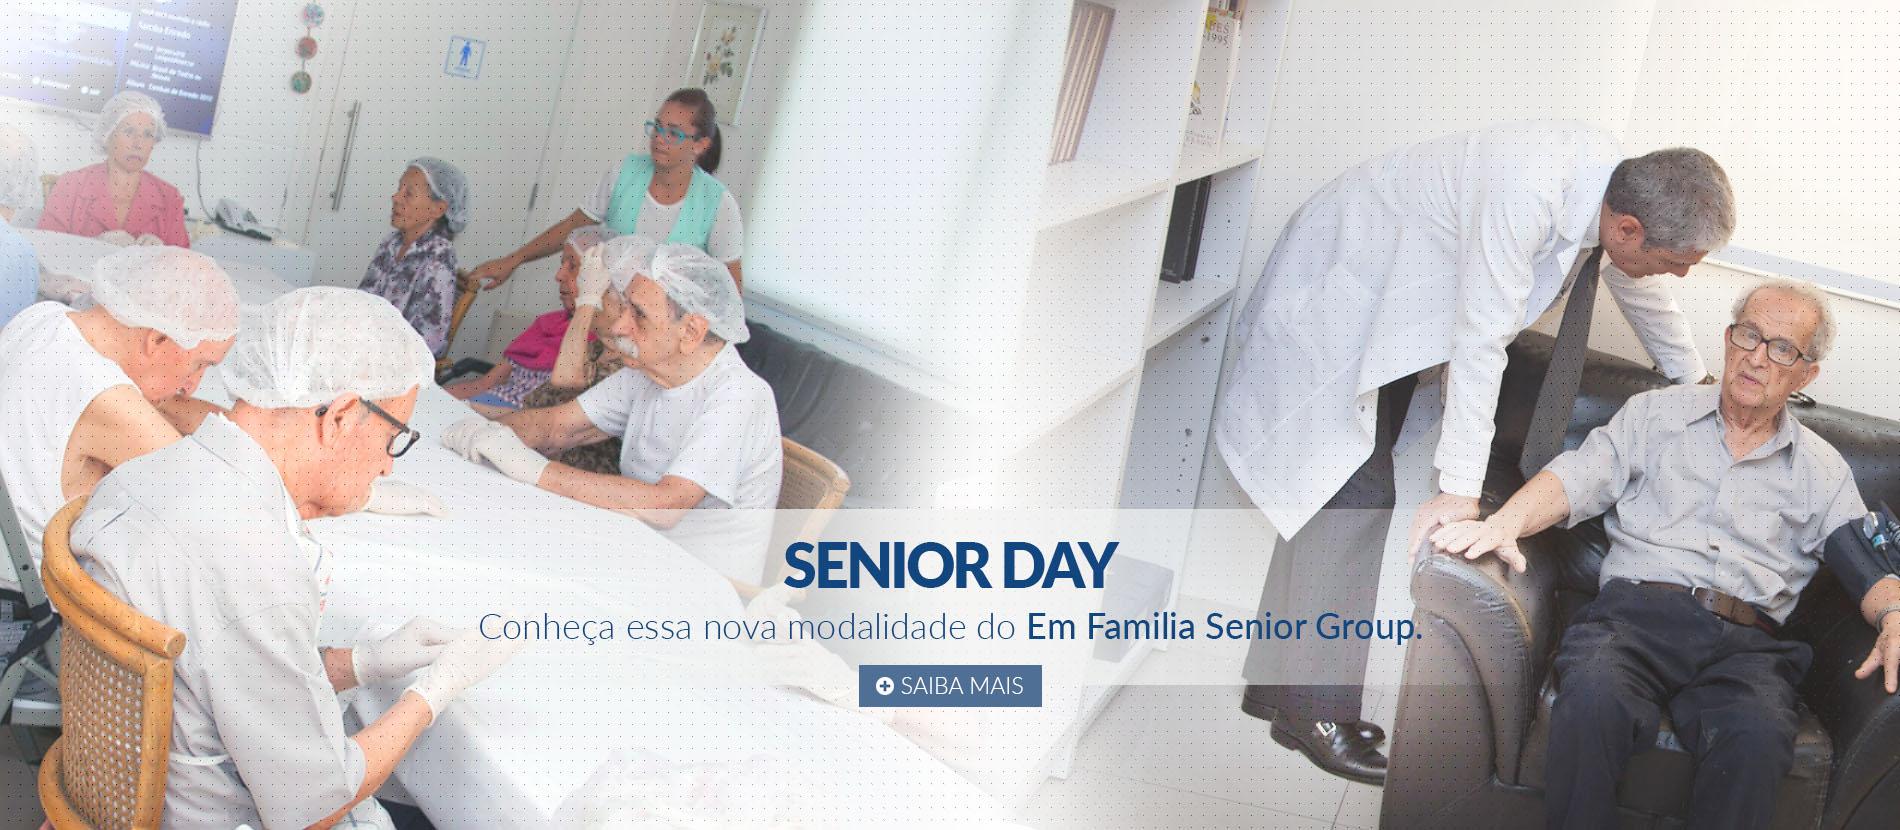 Senior Day Casa de Repouso para Idosos